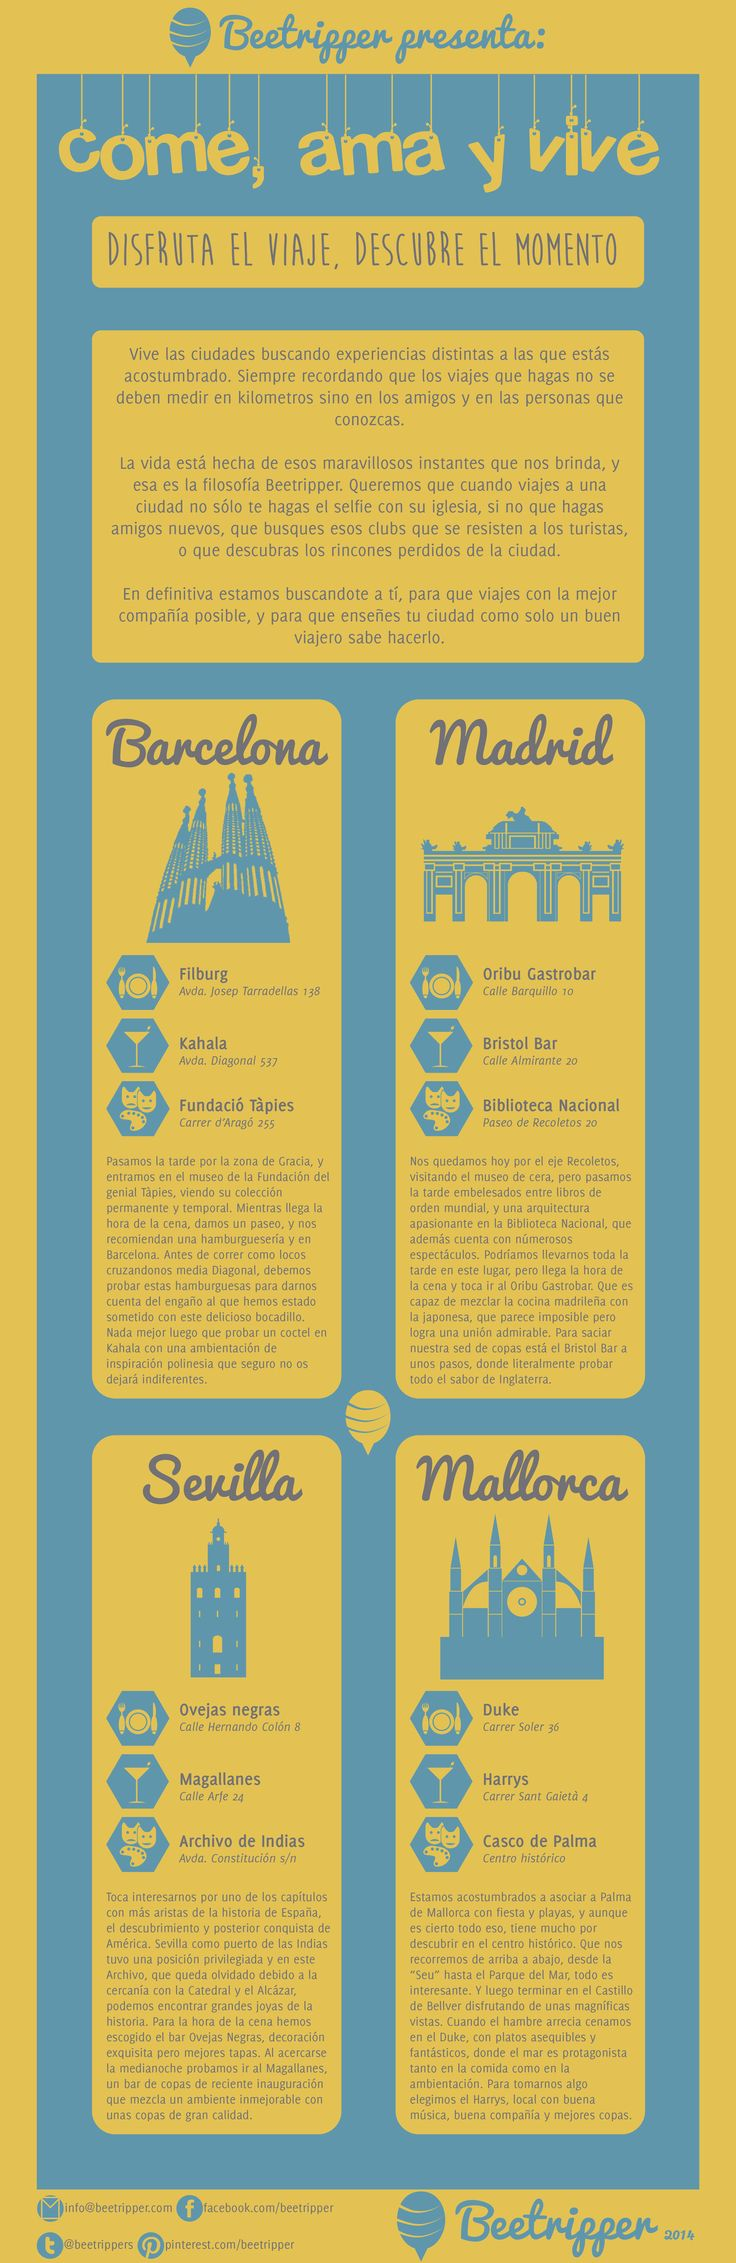 Disfruta de los momentos en tus visitas. Con información de amigos de Beetripper hemos realizado esta infografía.